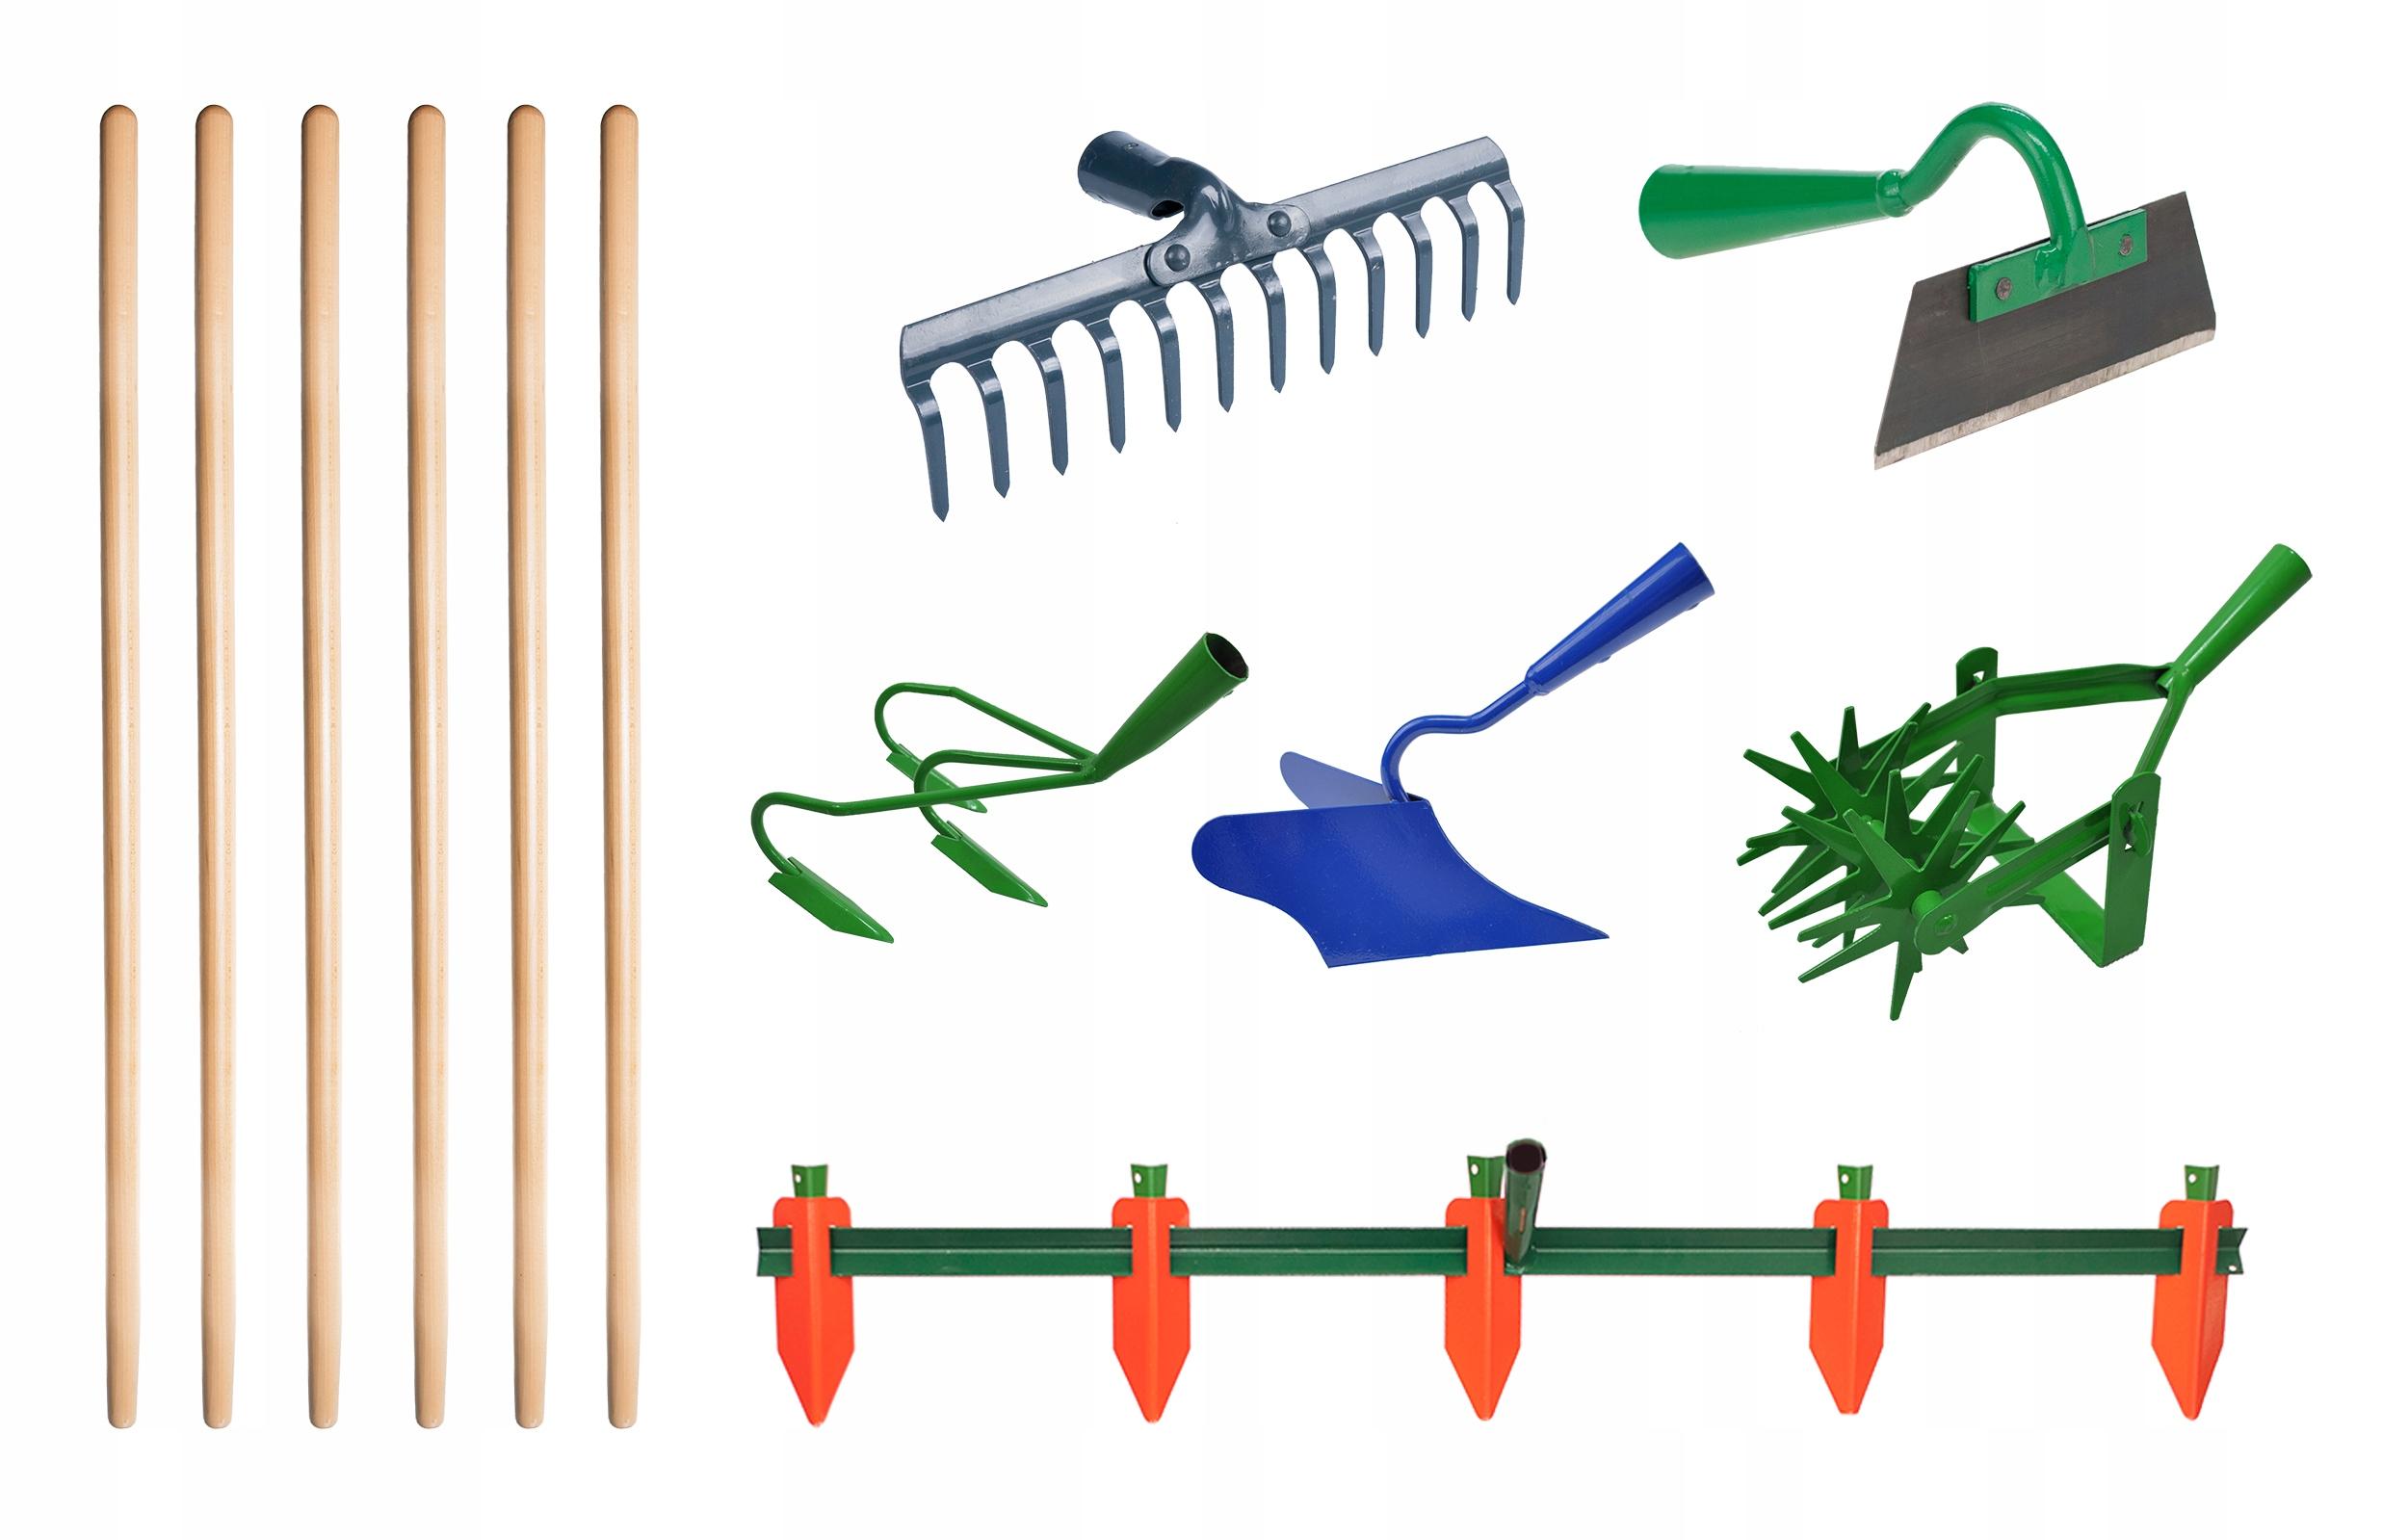 Комплект скарификатора, маркера, окучника, граблей, мотыги